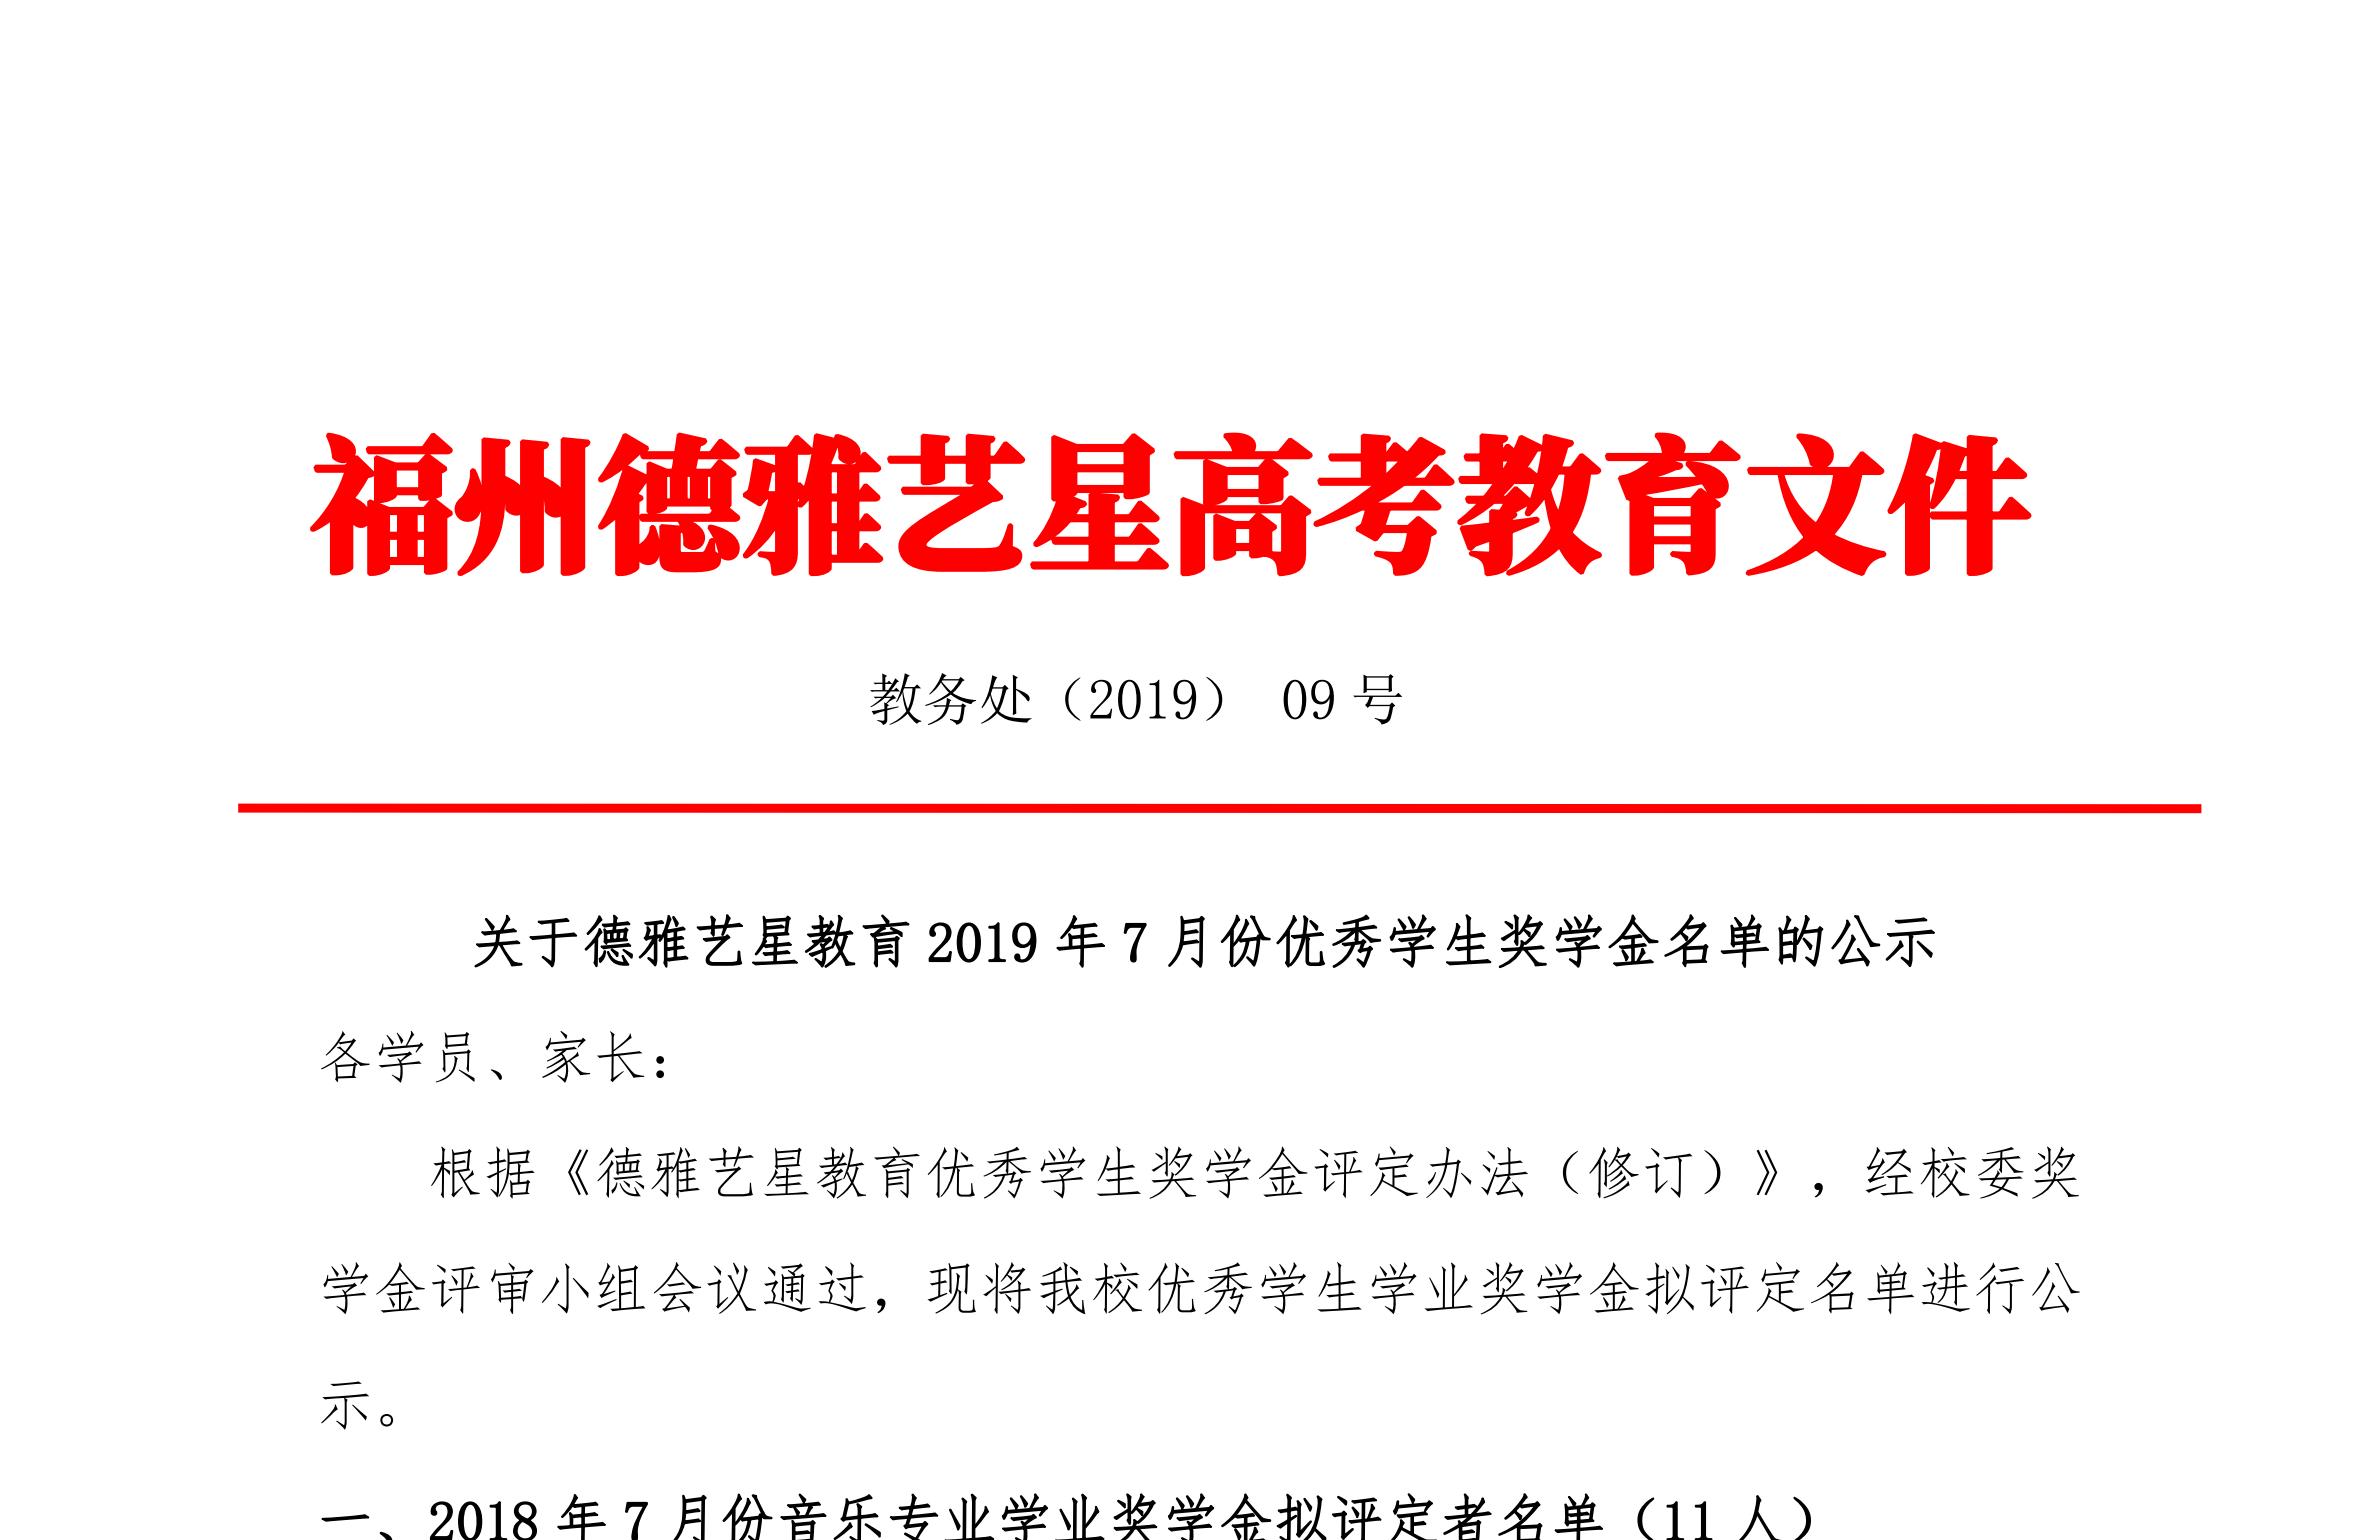 关于德雅艺星教育2019年7月份学生奖学金名单的公示